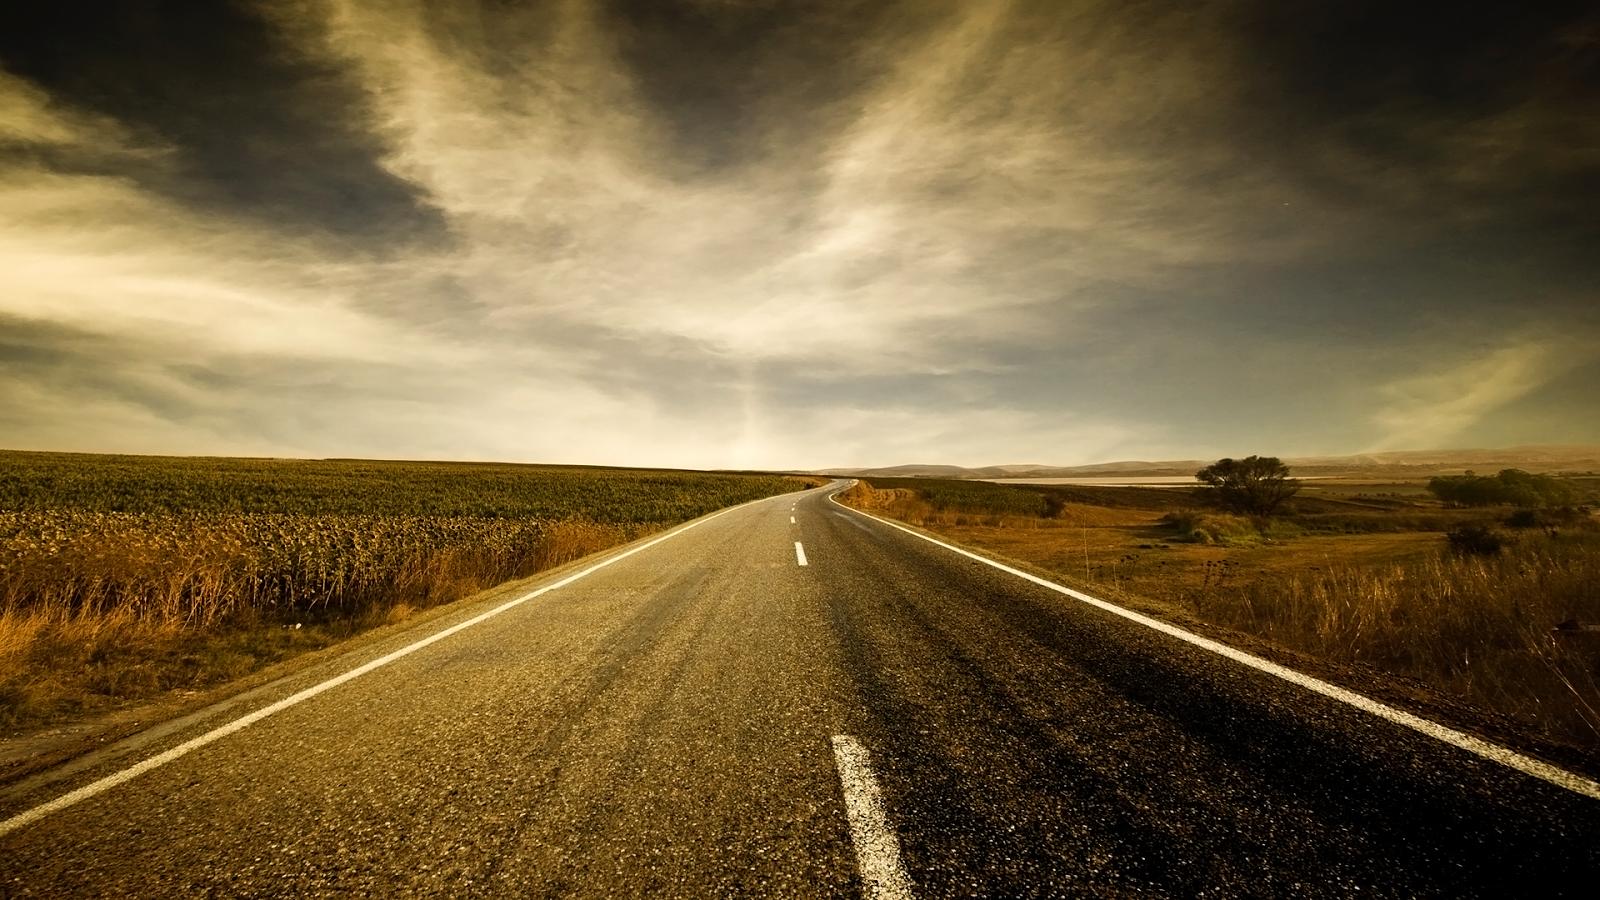 highway wallpaper 29368